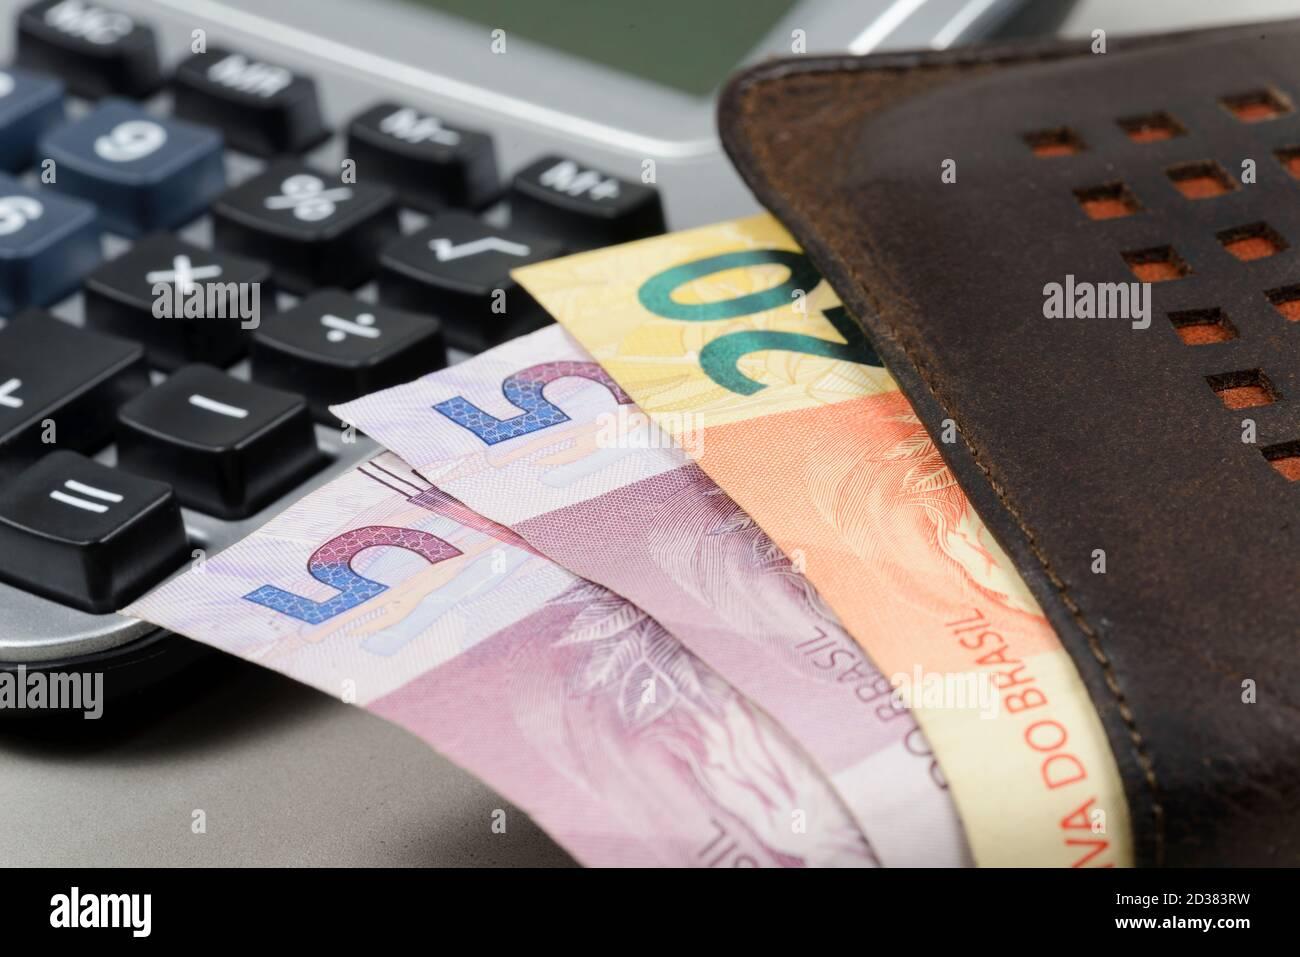 l'argent sort de votre portefeuille avec une calculatrice de poche floue en arrière-plan. Banque D'Images